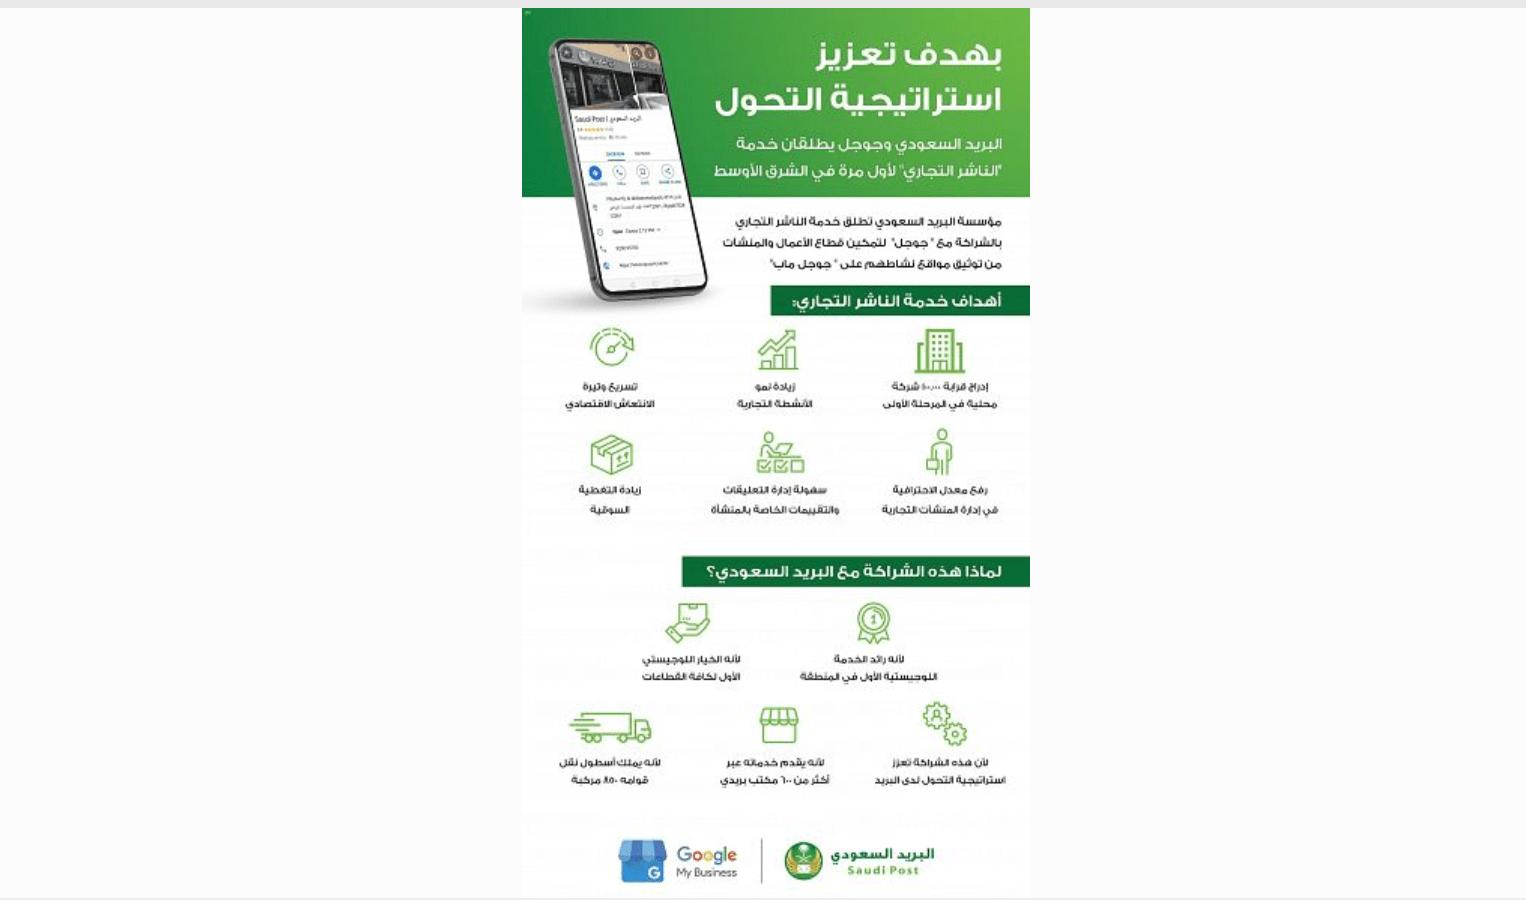 البريد السعودي يطلق خدمة الناشر التجاري لأول مرة في الشرق الأوسط Boarding Pass Airline Travel